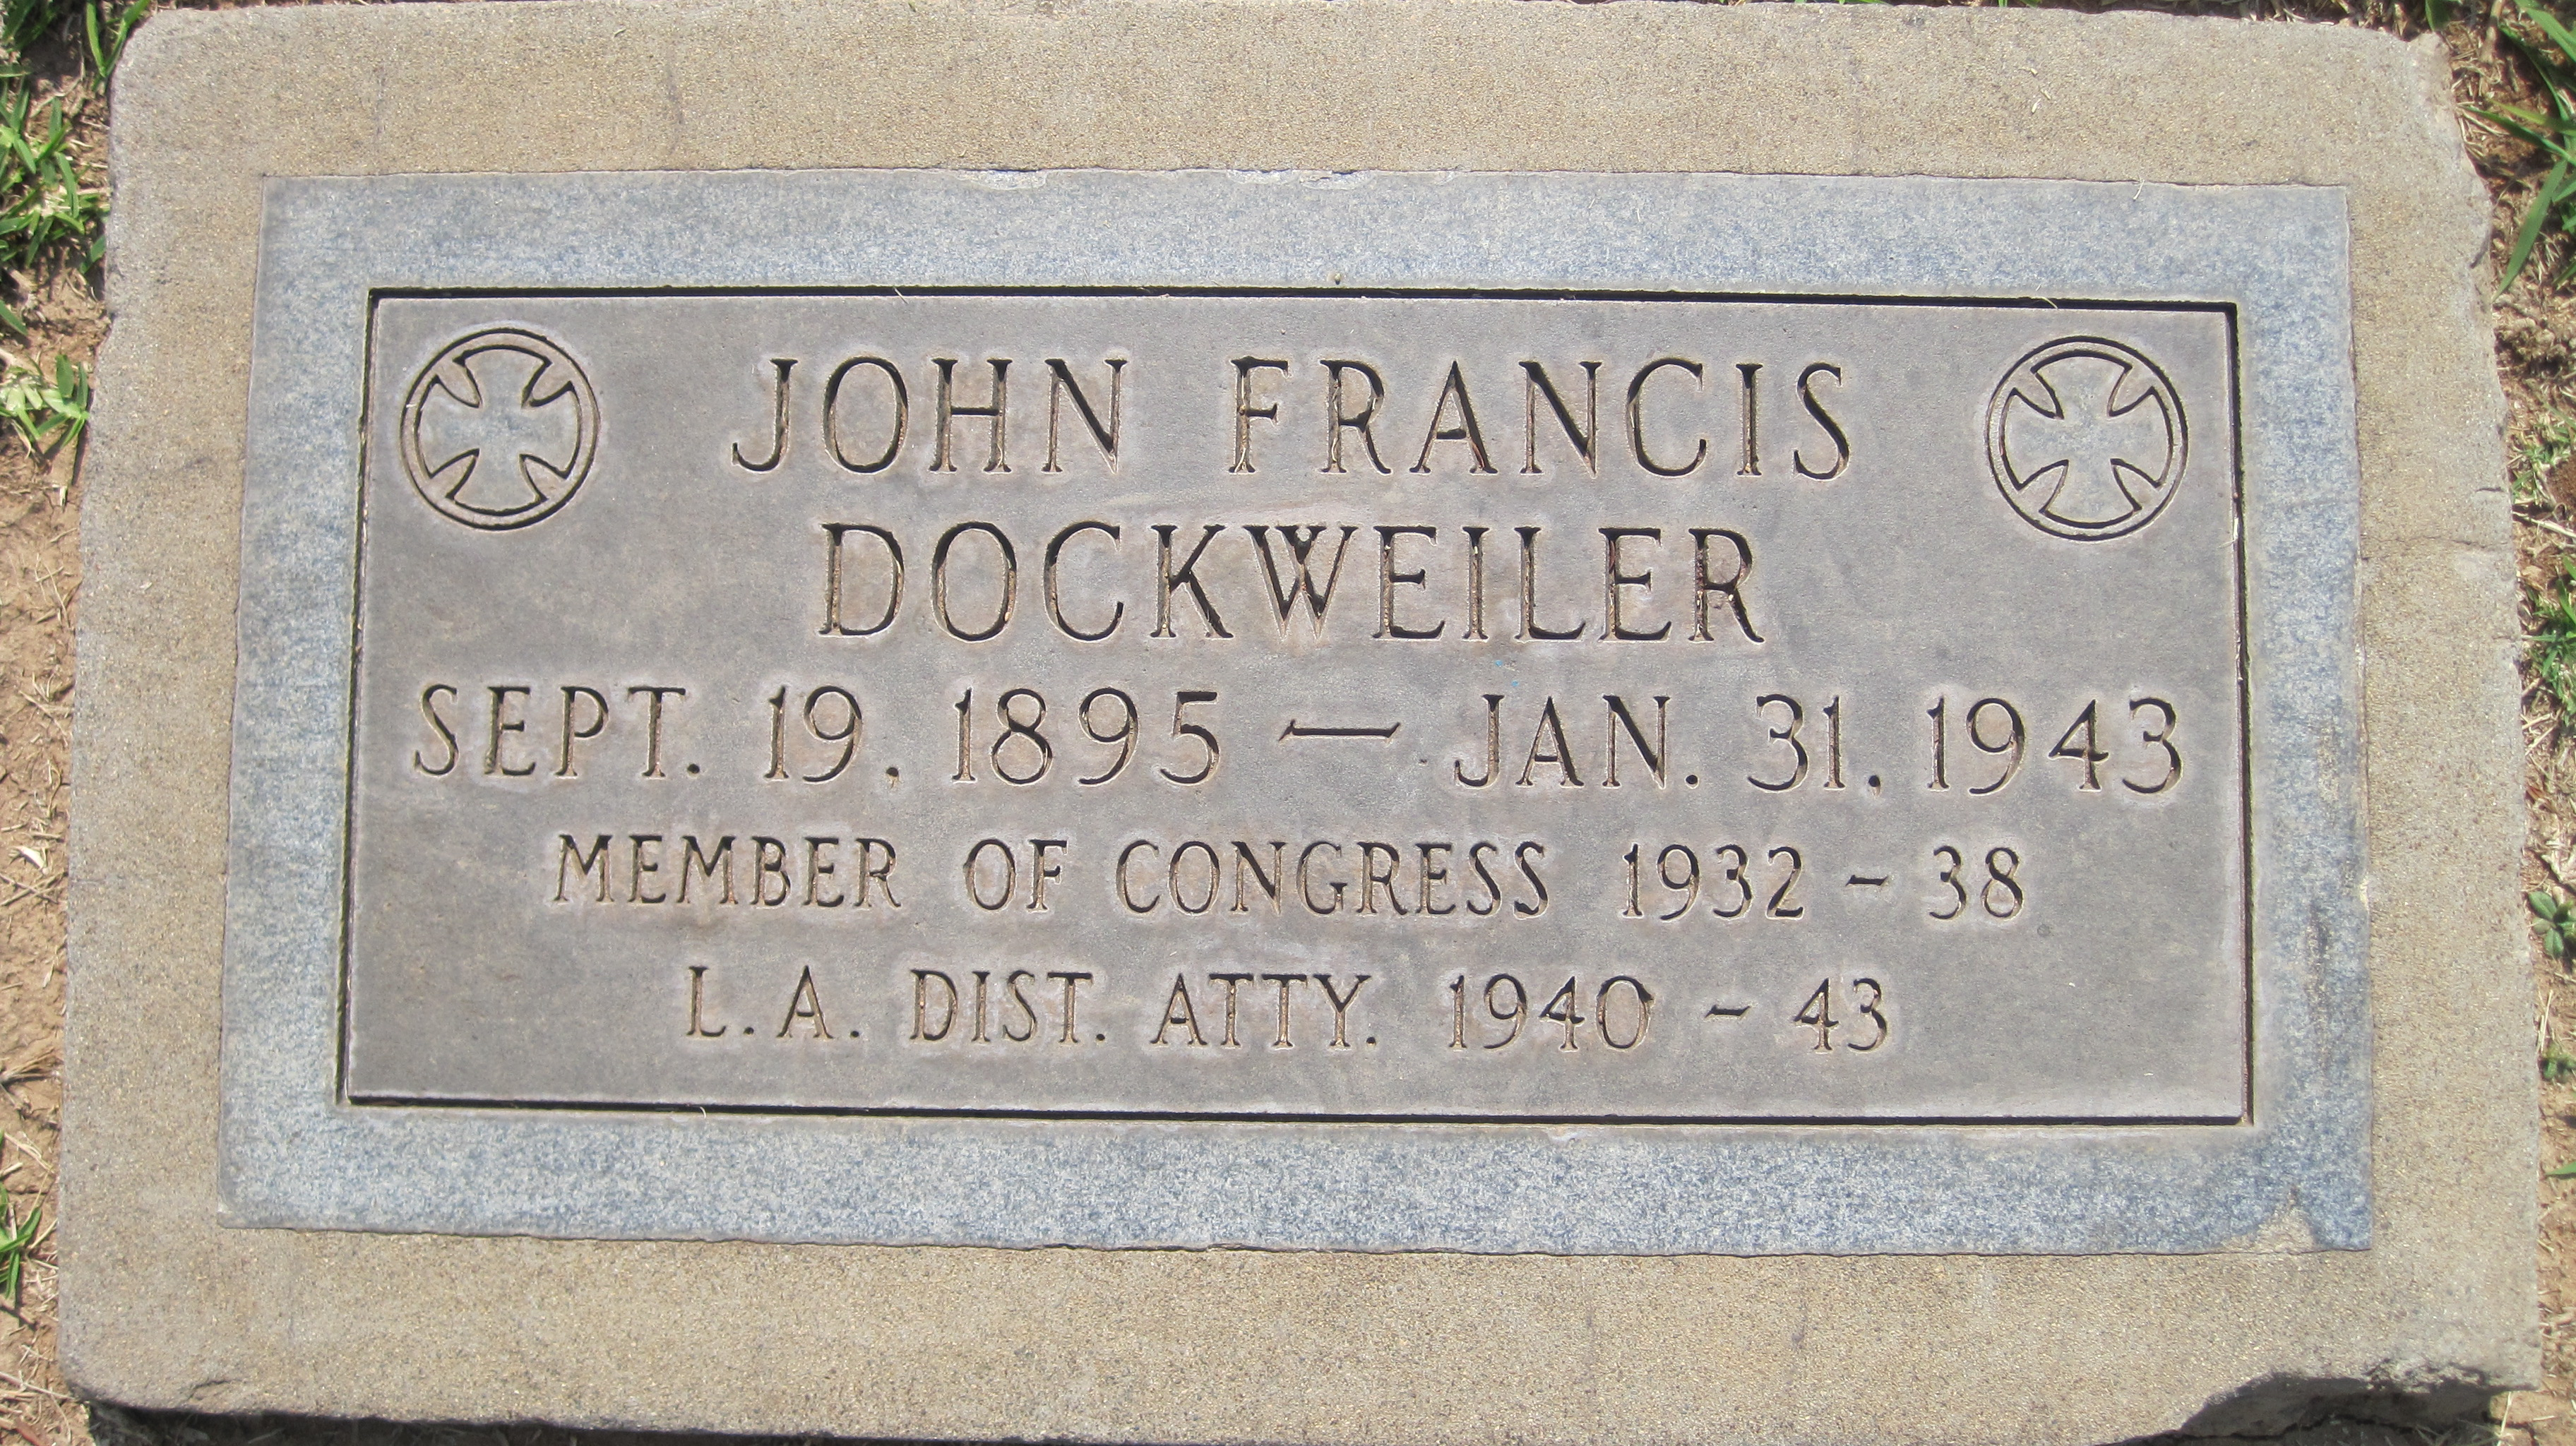 John Francis Dockweiler